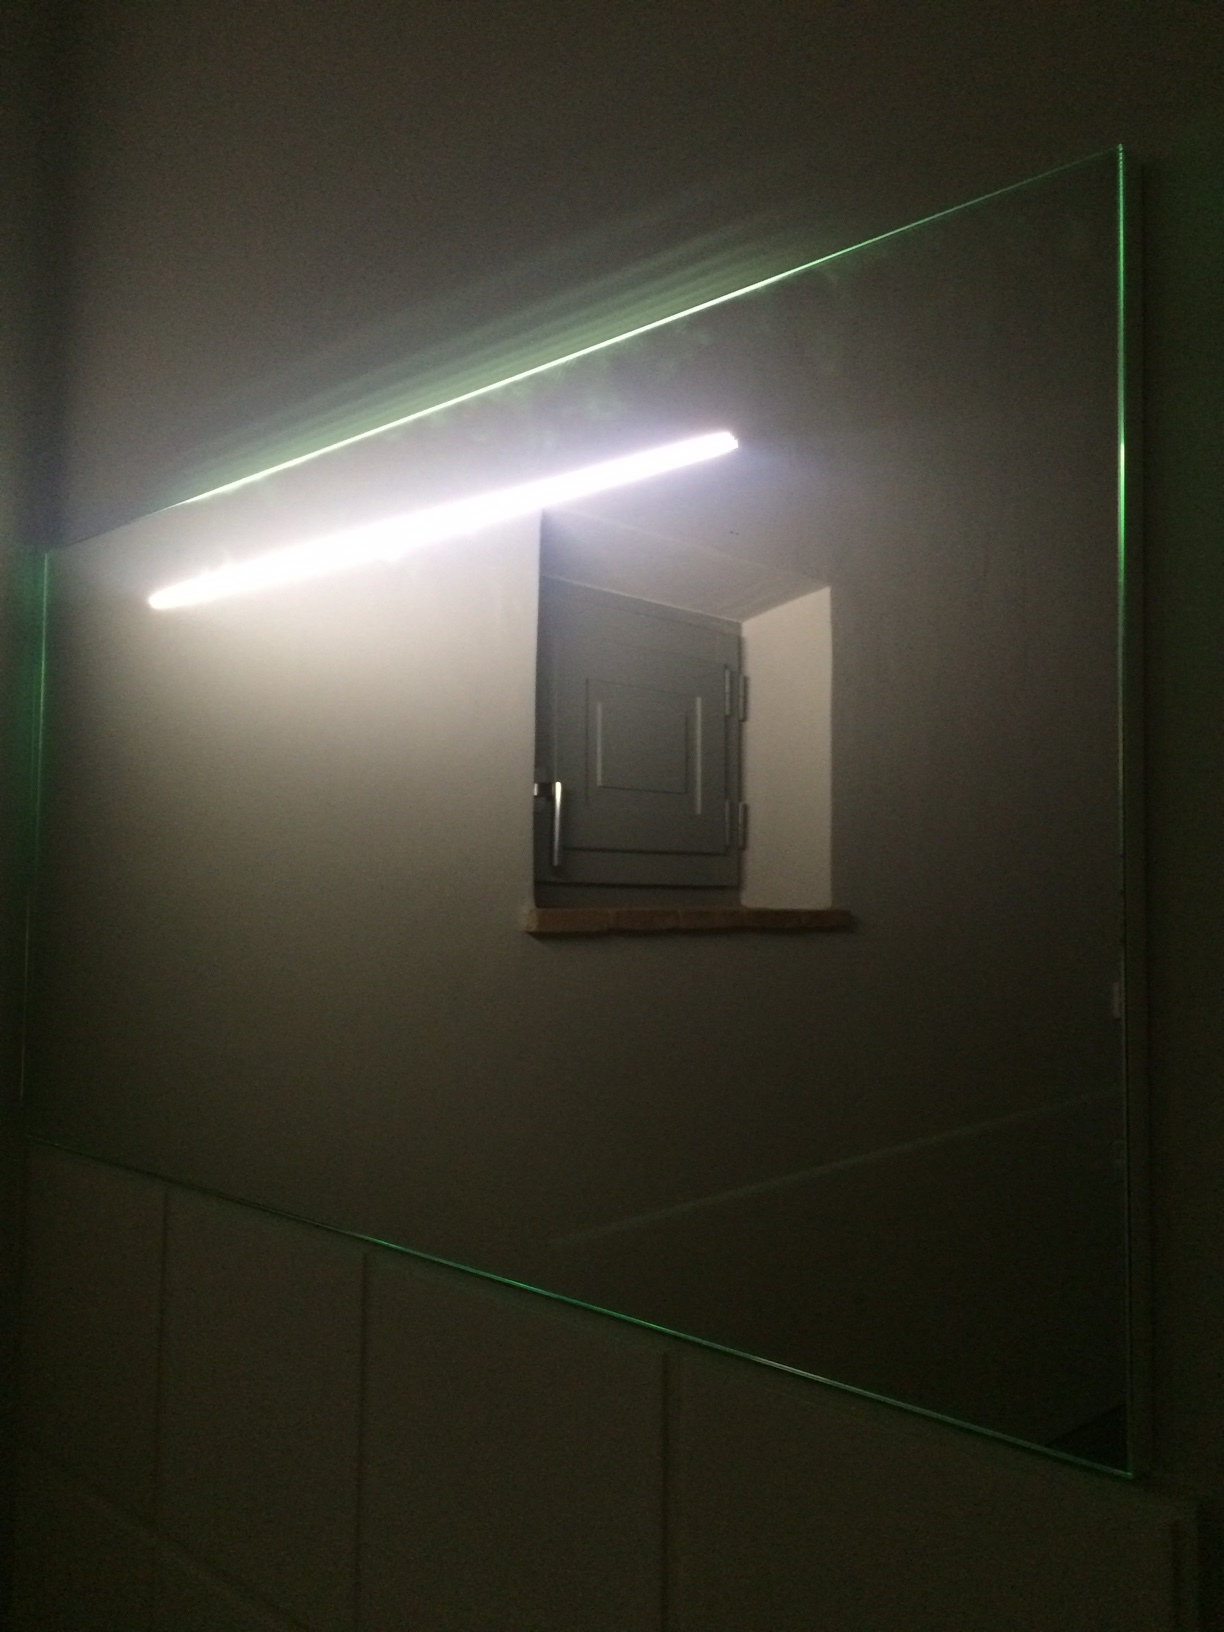 Arlex specchio luci led vetro arredo bagno a prezzi scontati - Luci a led per specchio bagno ...